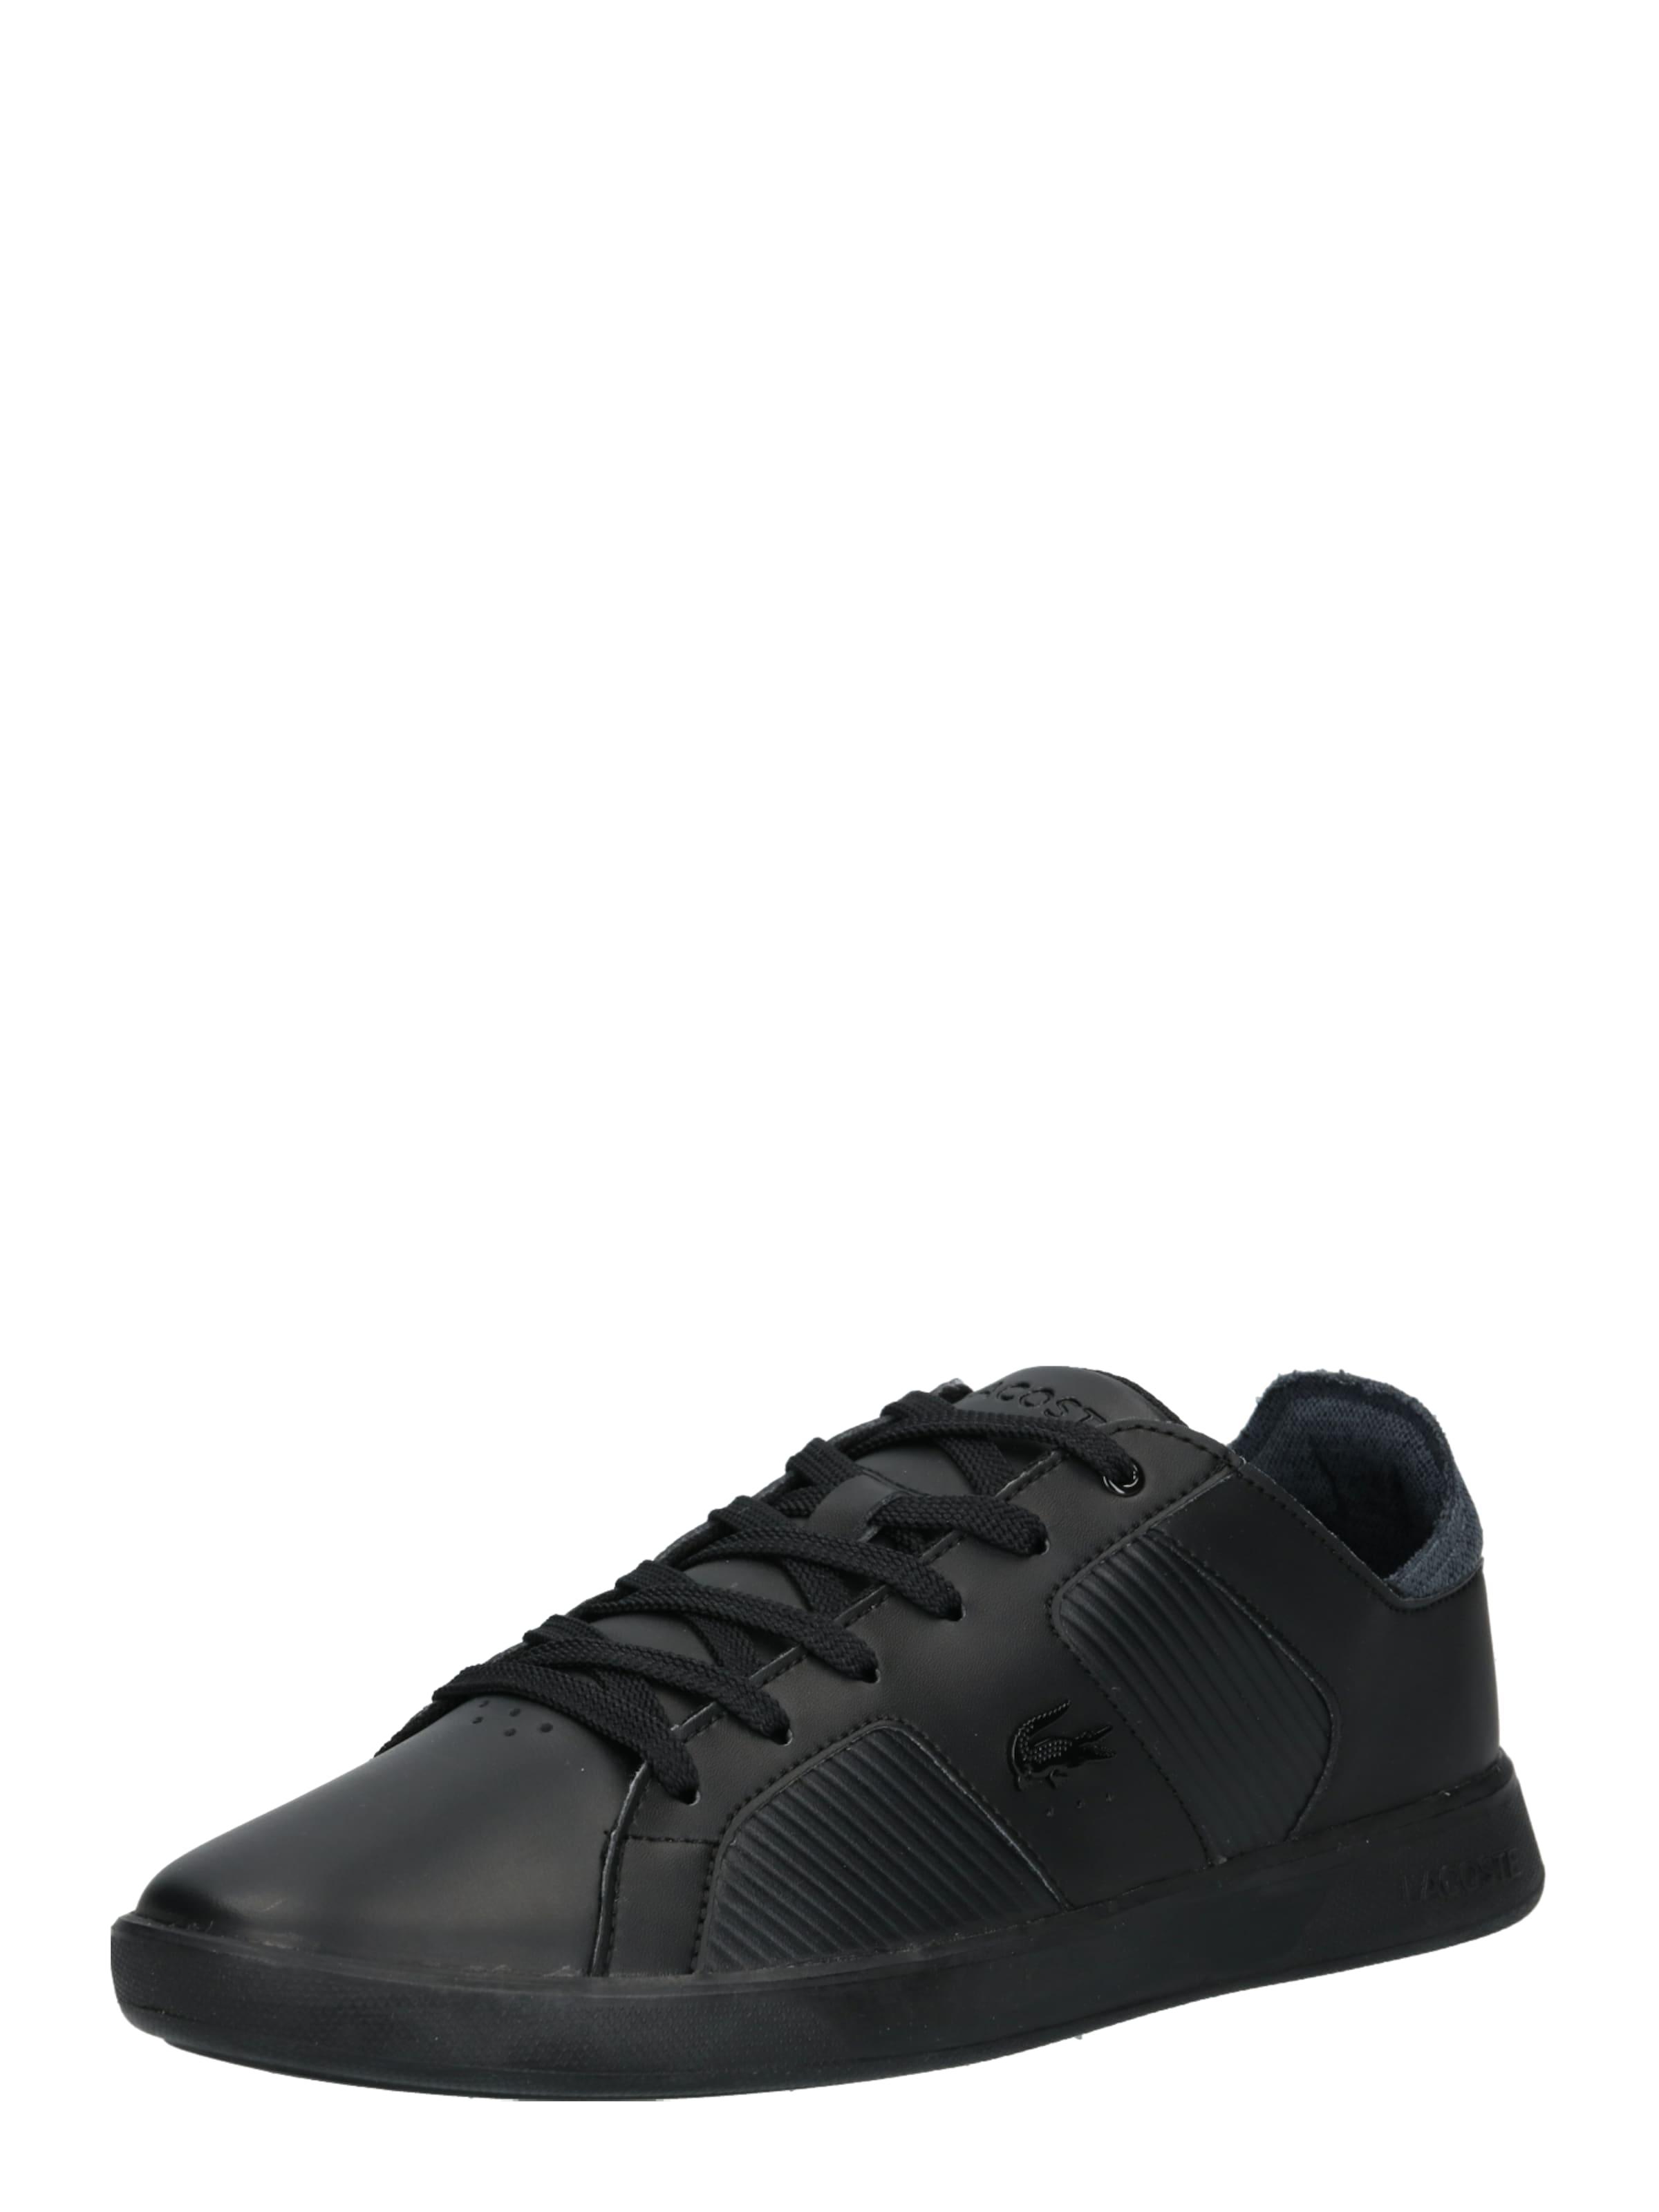 2 Sma' In Schwarz 319 Sneaker 'novas Lacoste 5RL3Aq4j